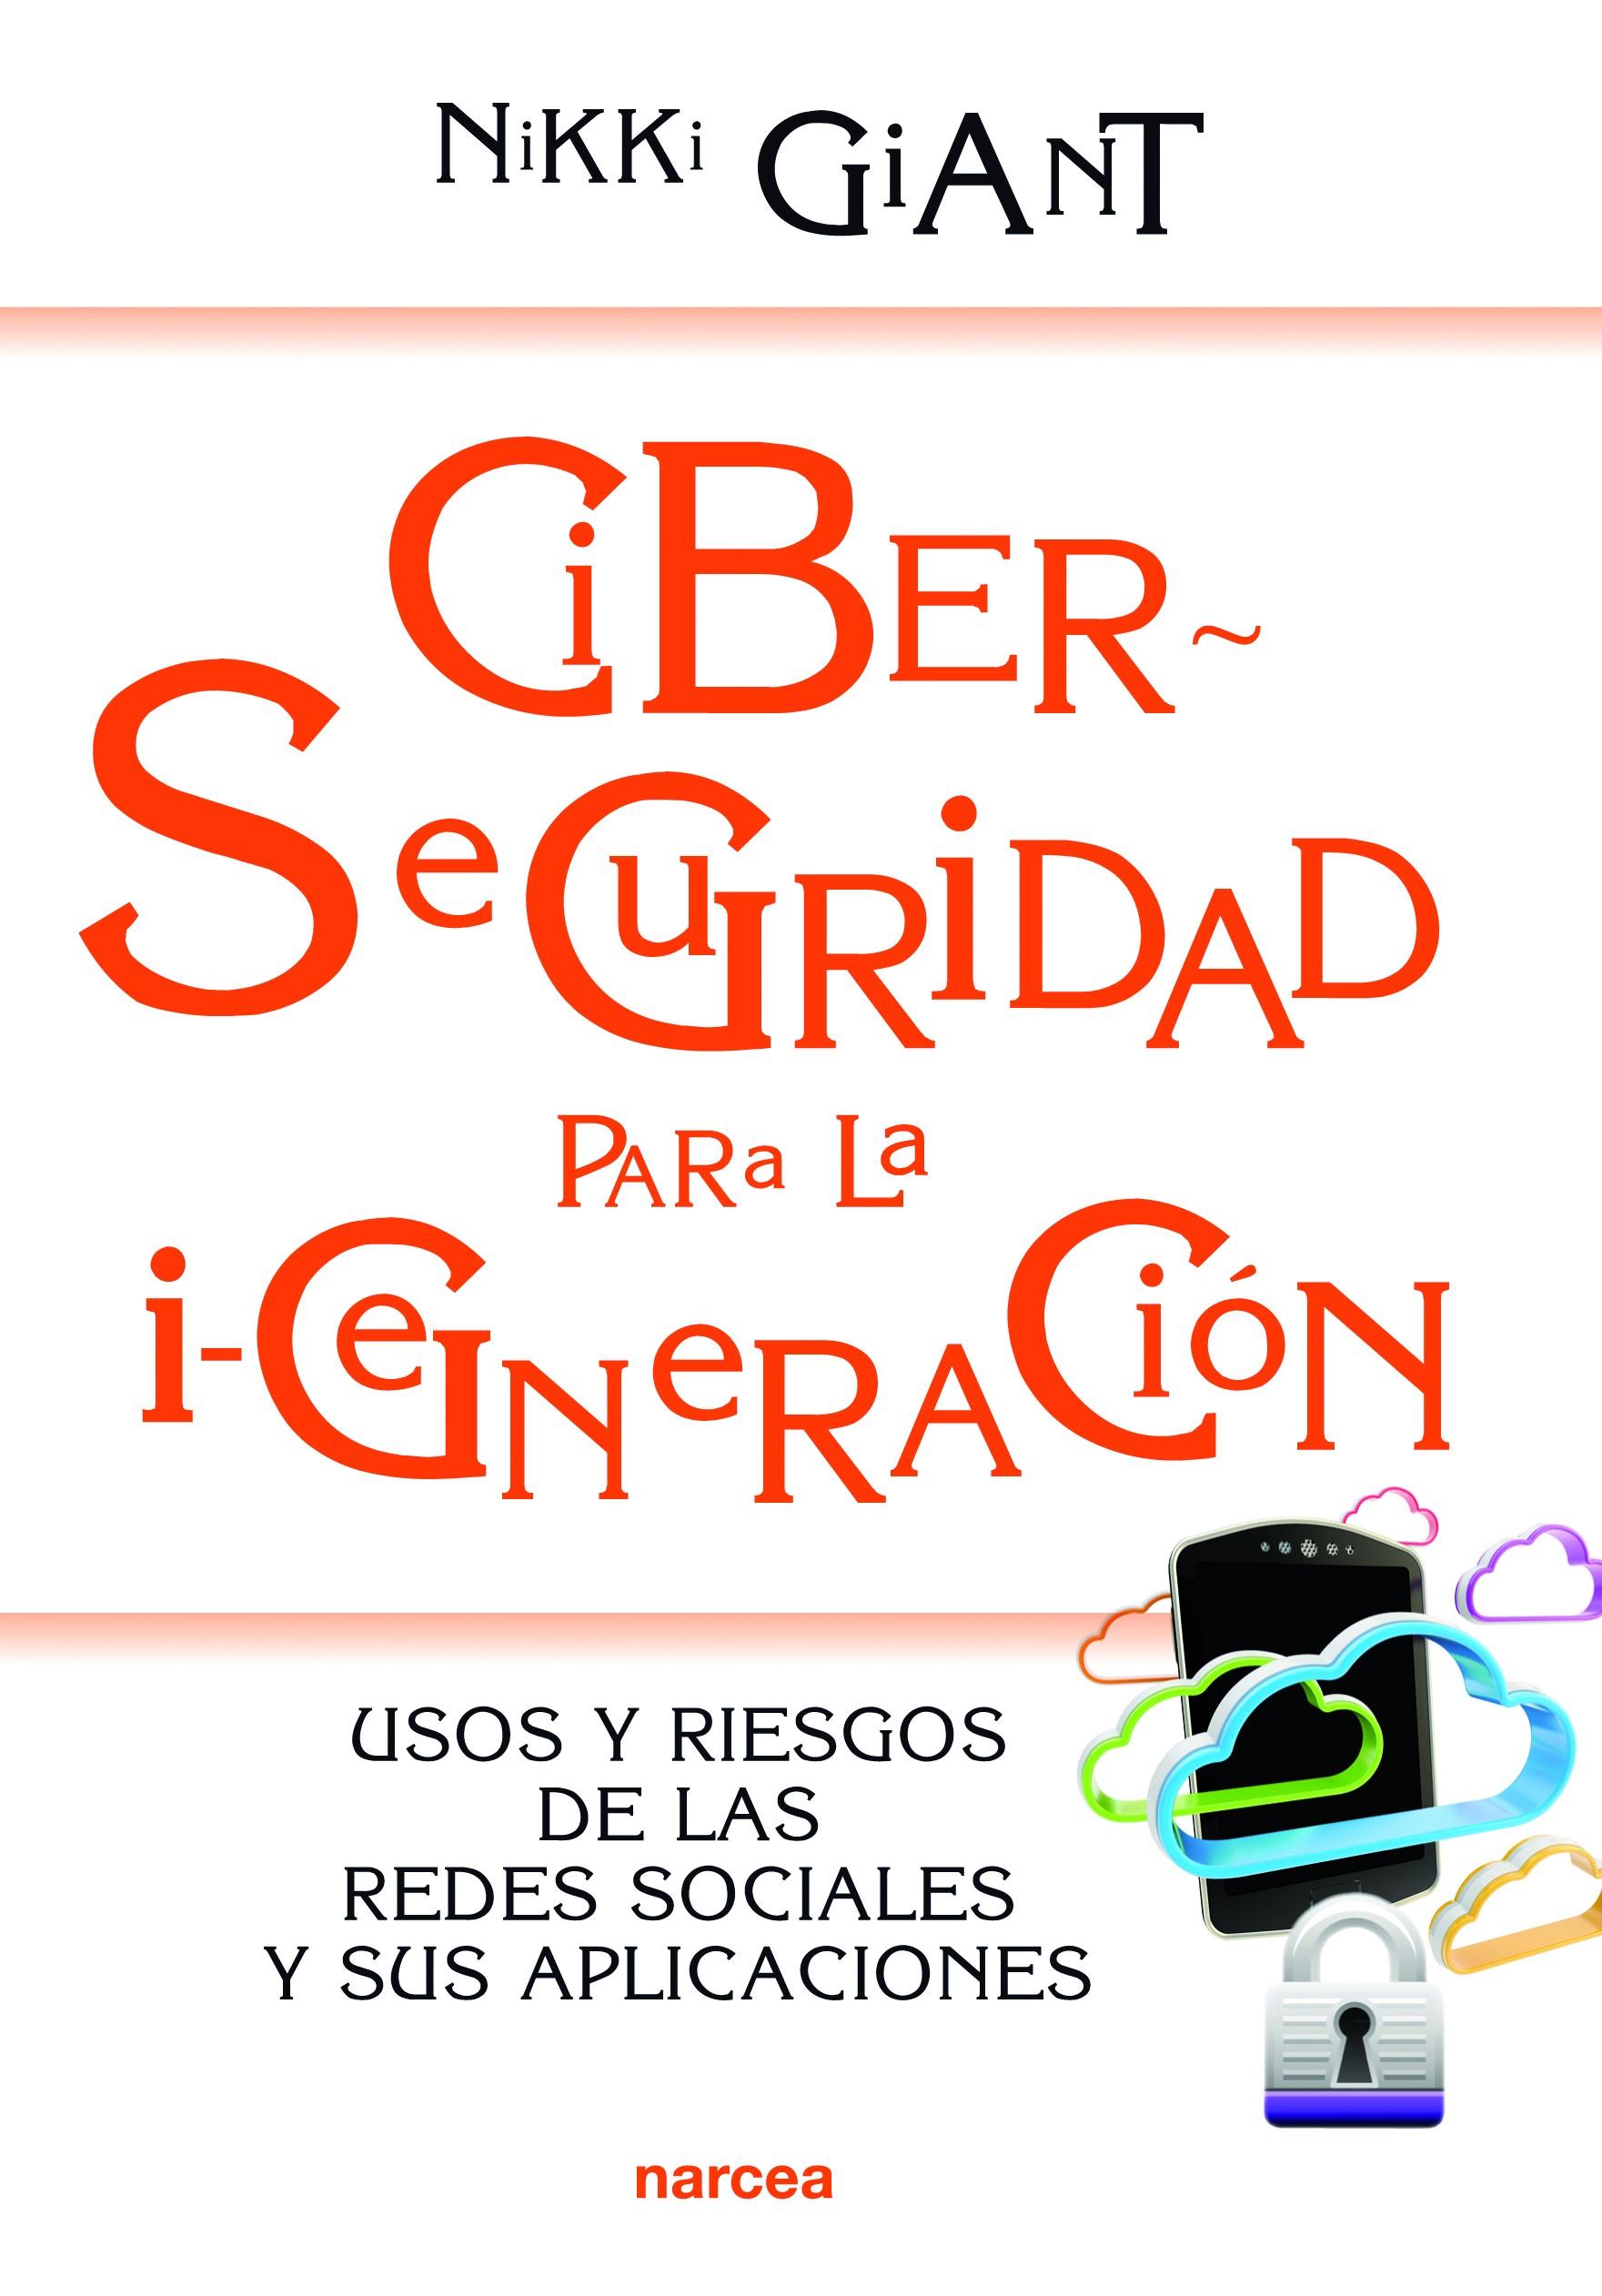 Ciberseguridad para la i-generación